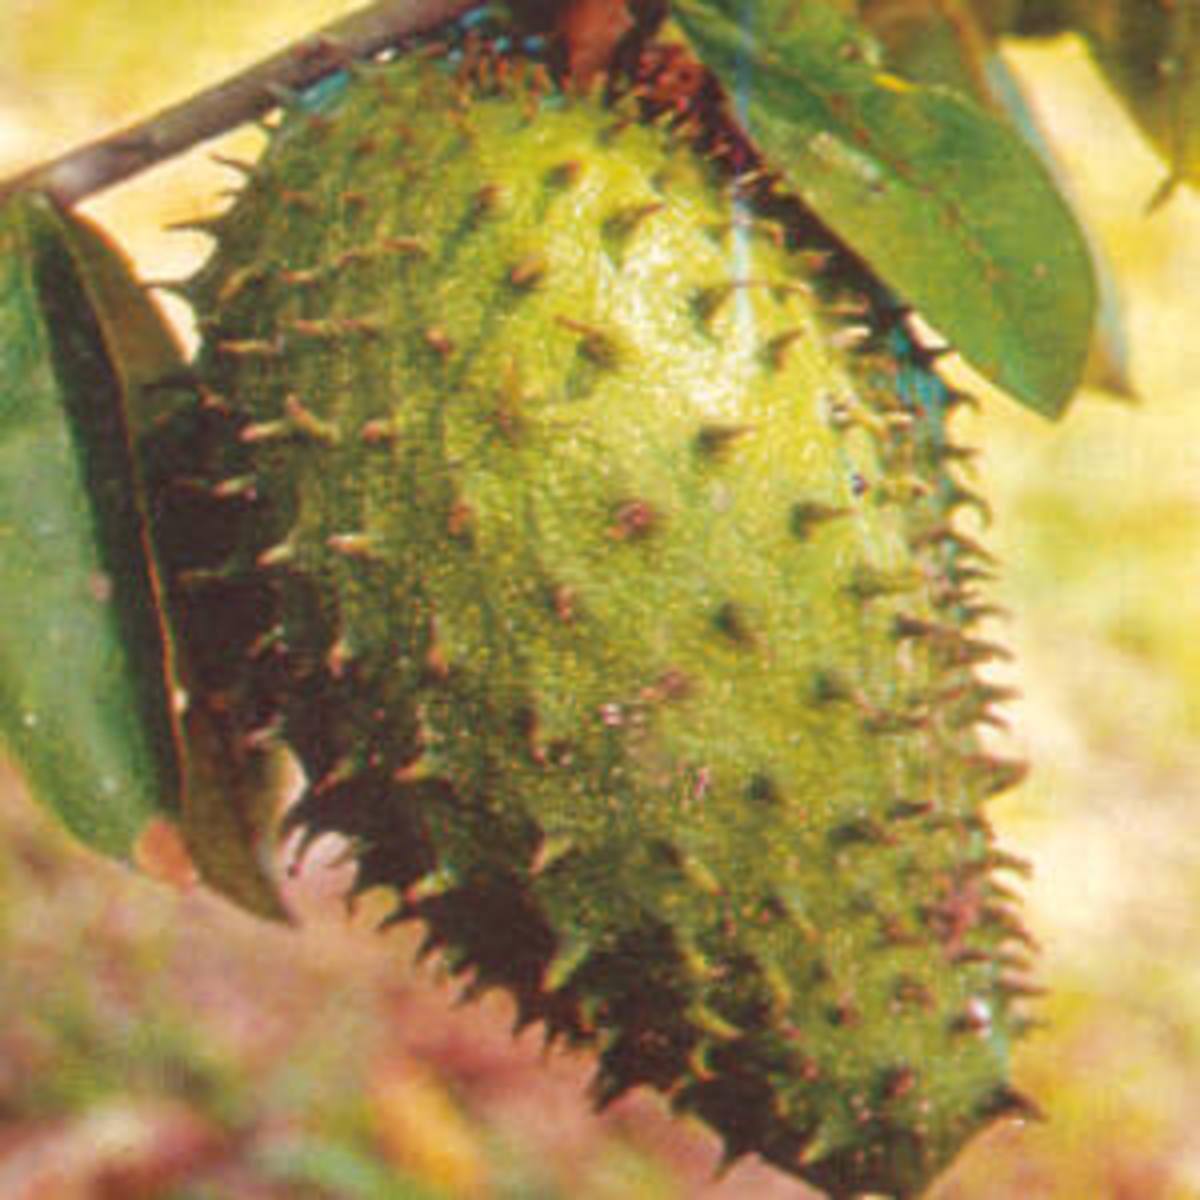 Η Graviola, το φυτό ελιξίριο του Αμαζονίου με αντικαρκινικές ιδιότητες | Newsit.gr